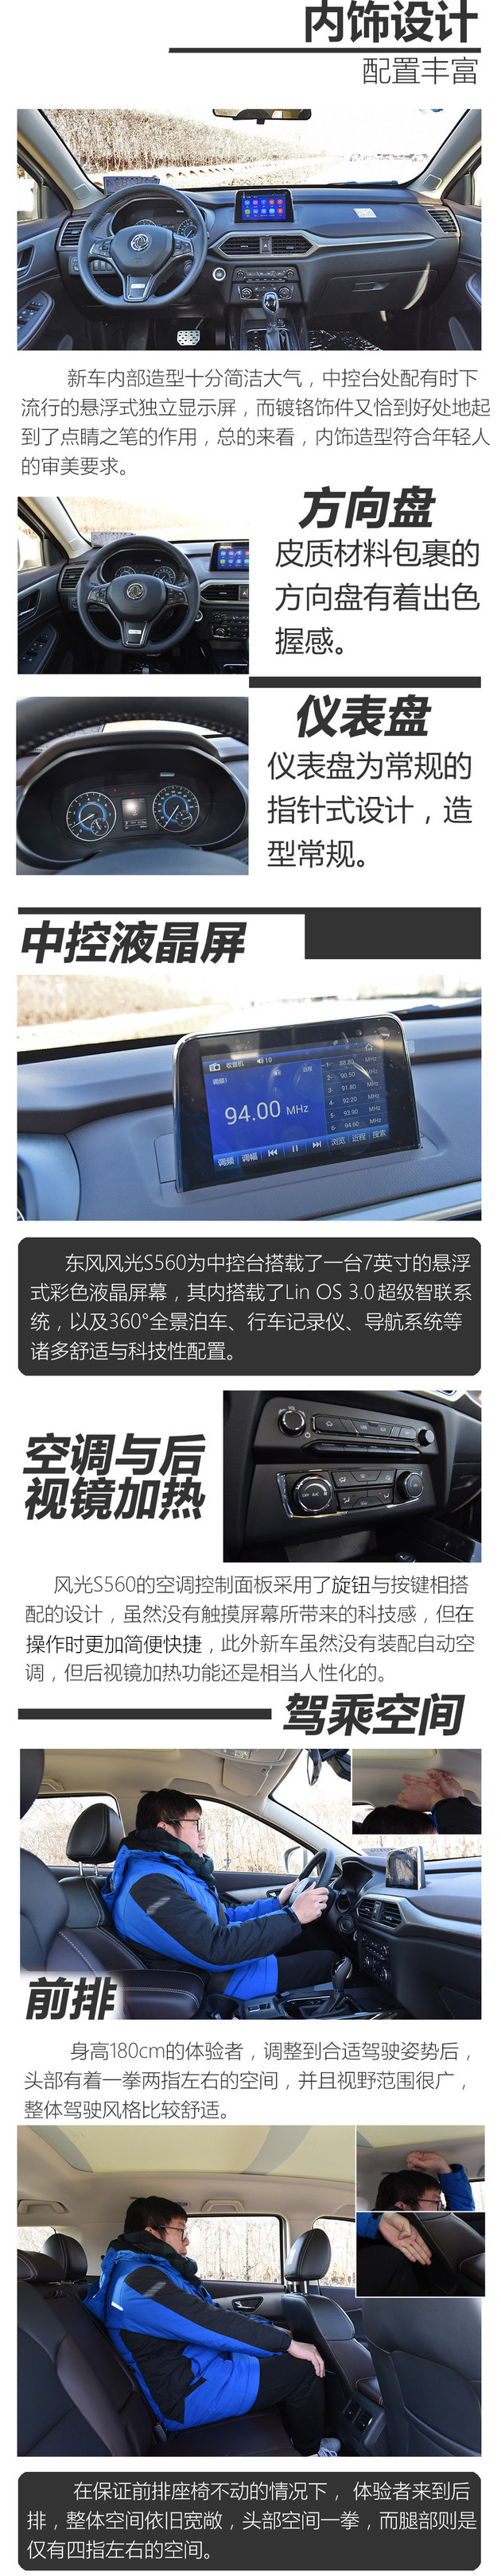 东风风光S560性能测试 动力输出平顺